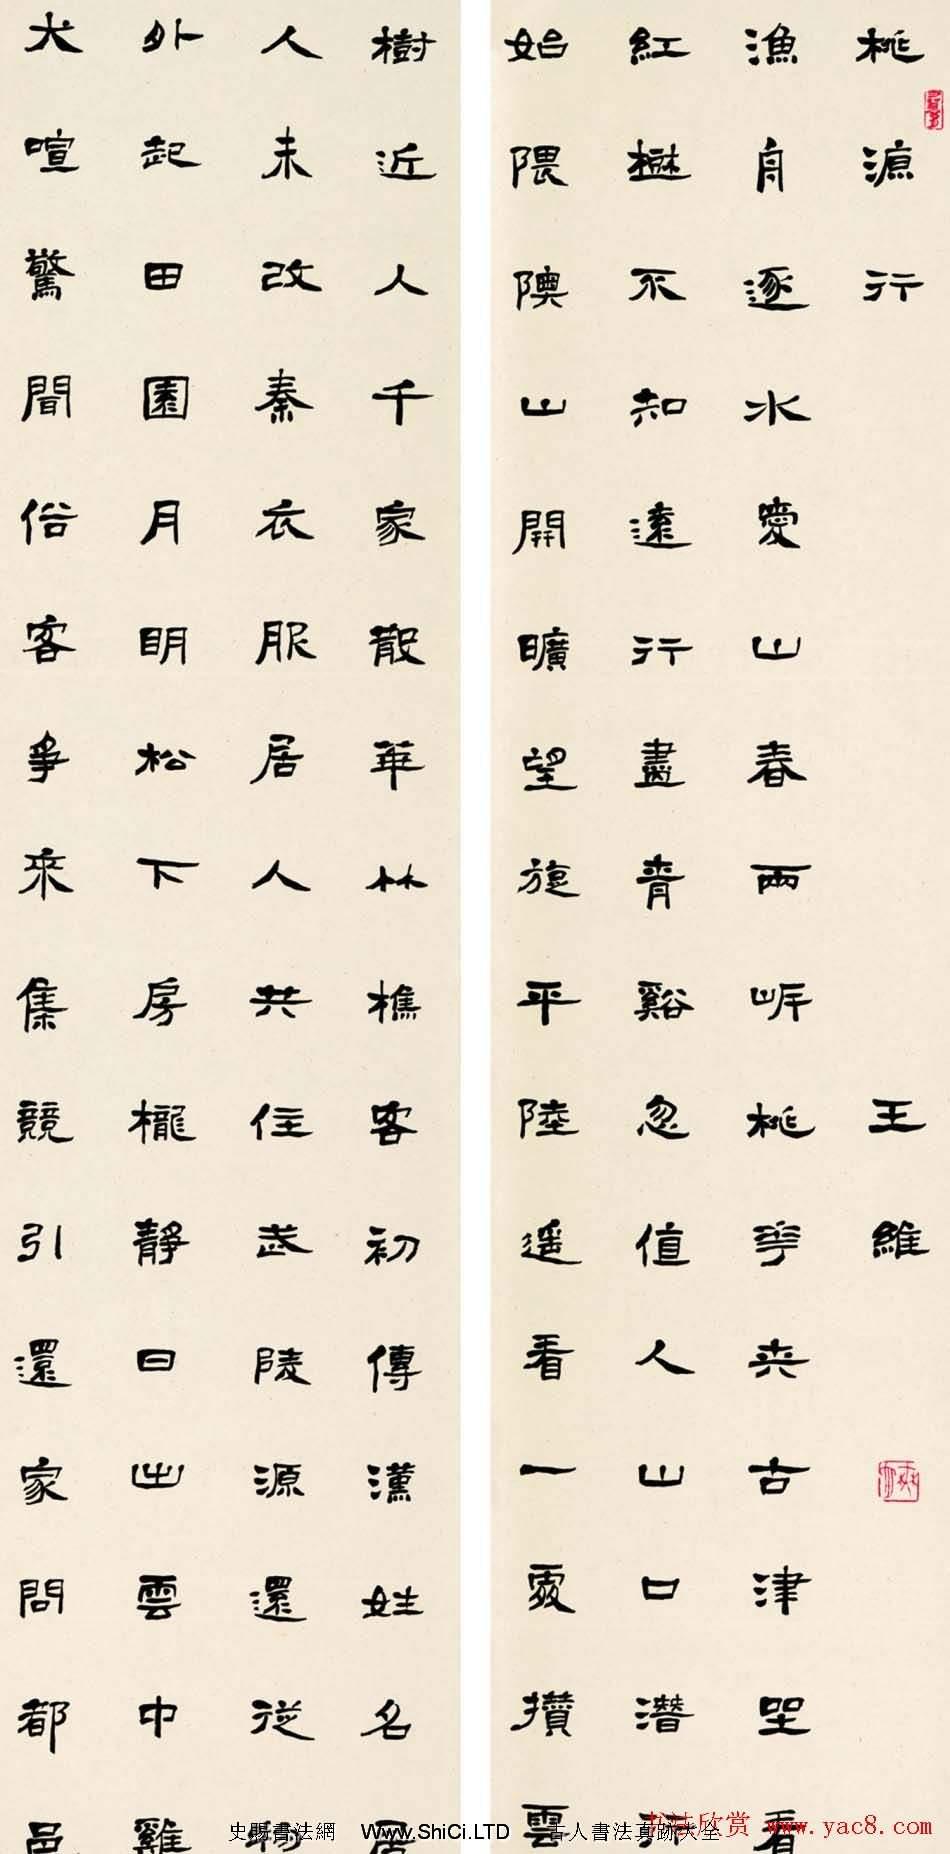 江蘇華人德書法作品欣賞